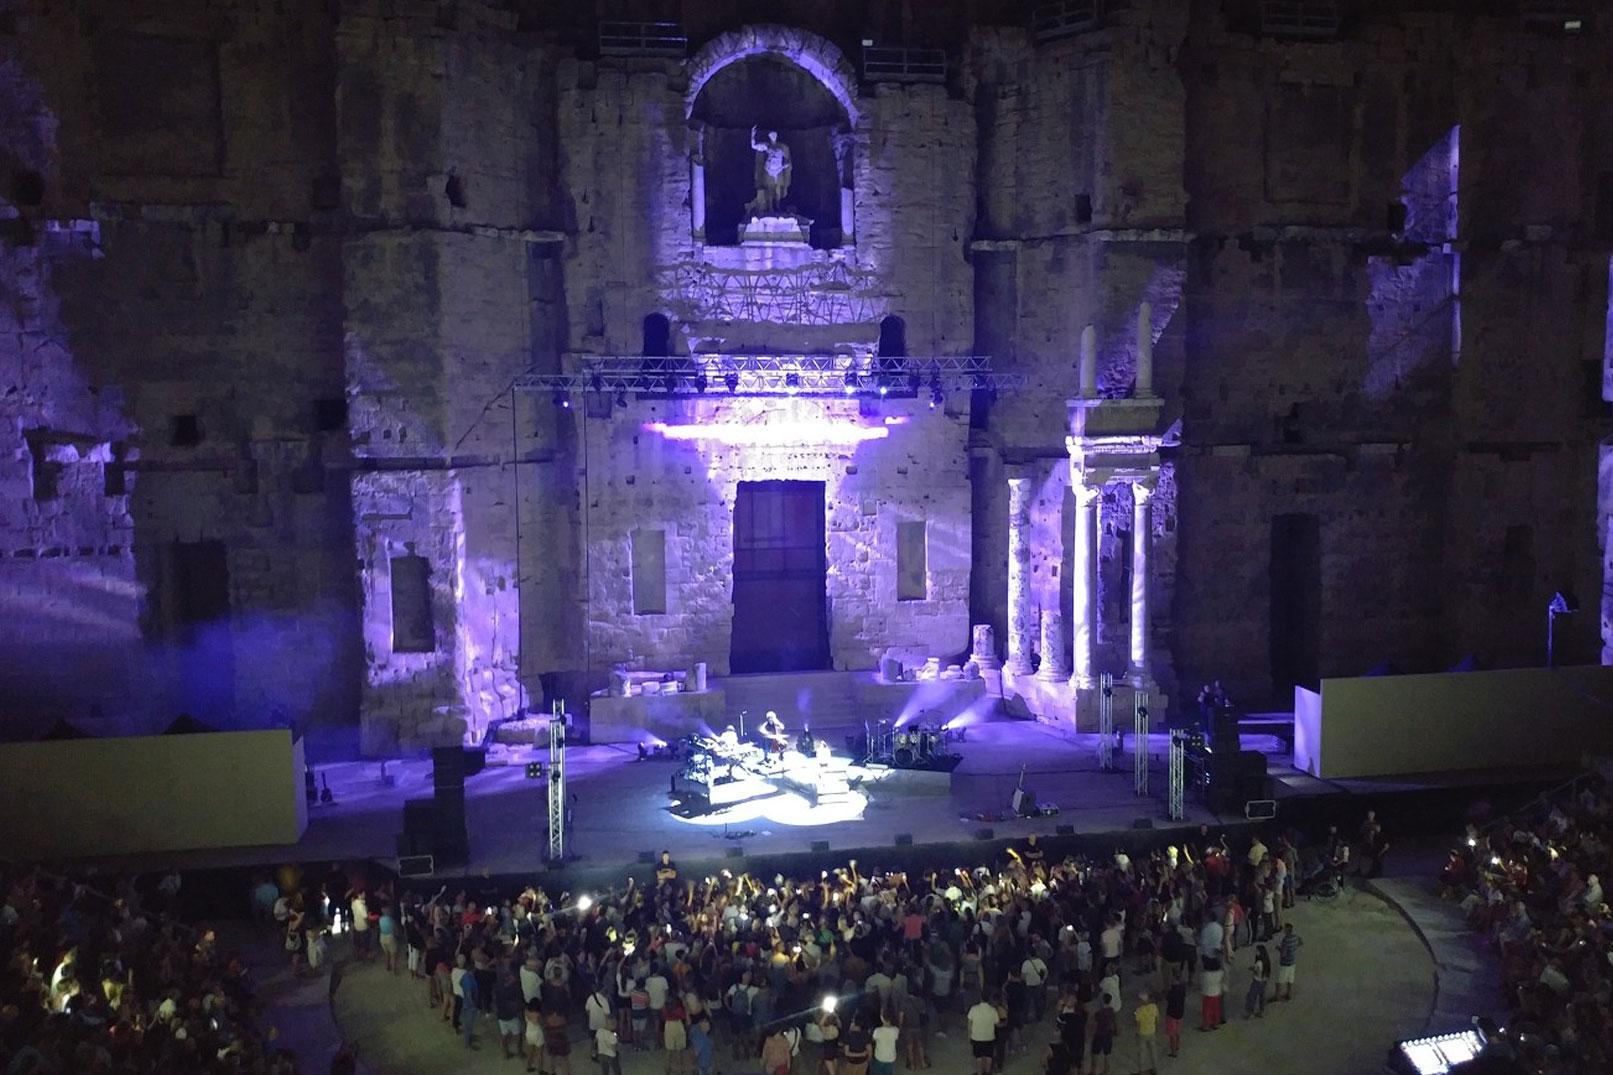 Théâtre antique de nuit @ Abry